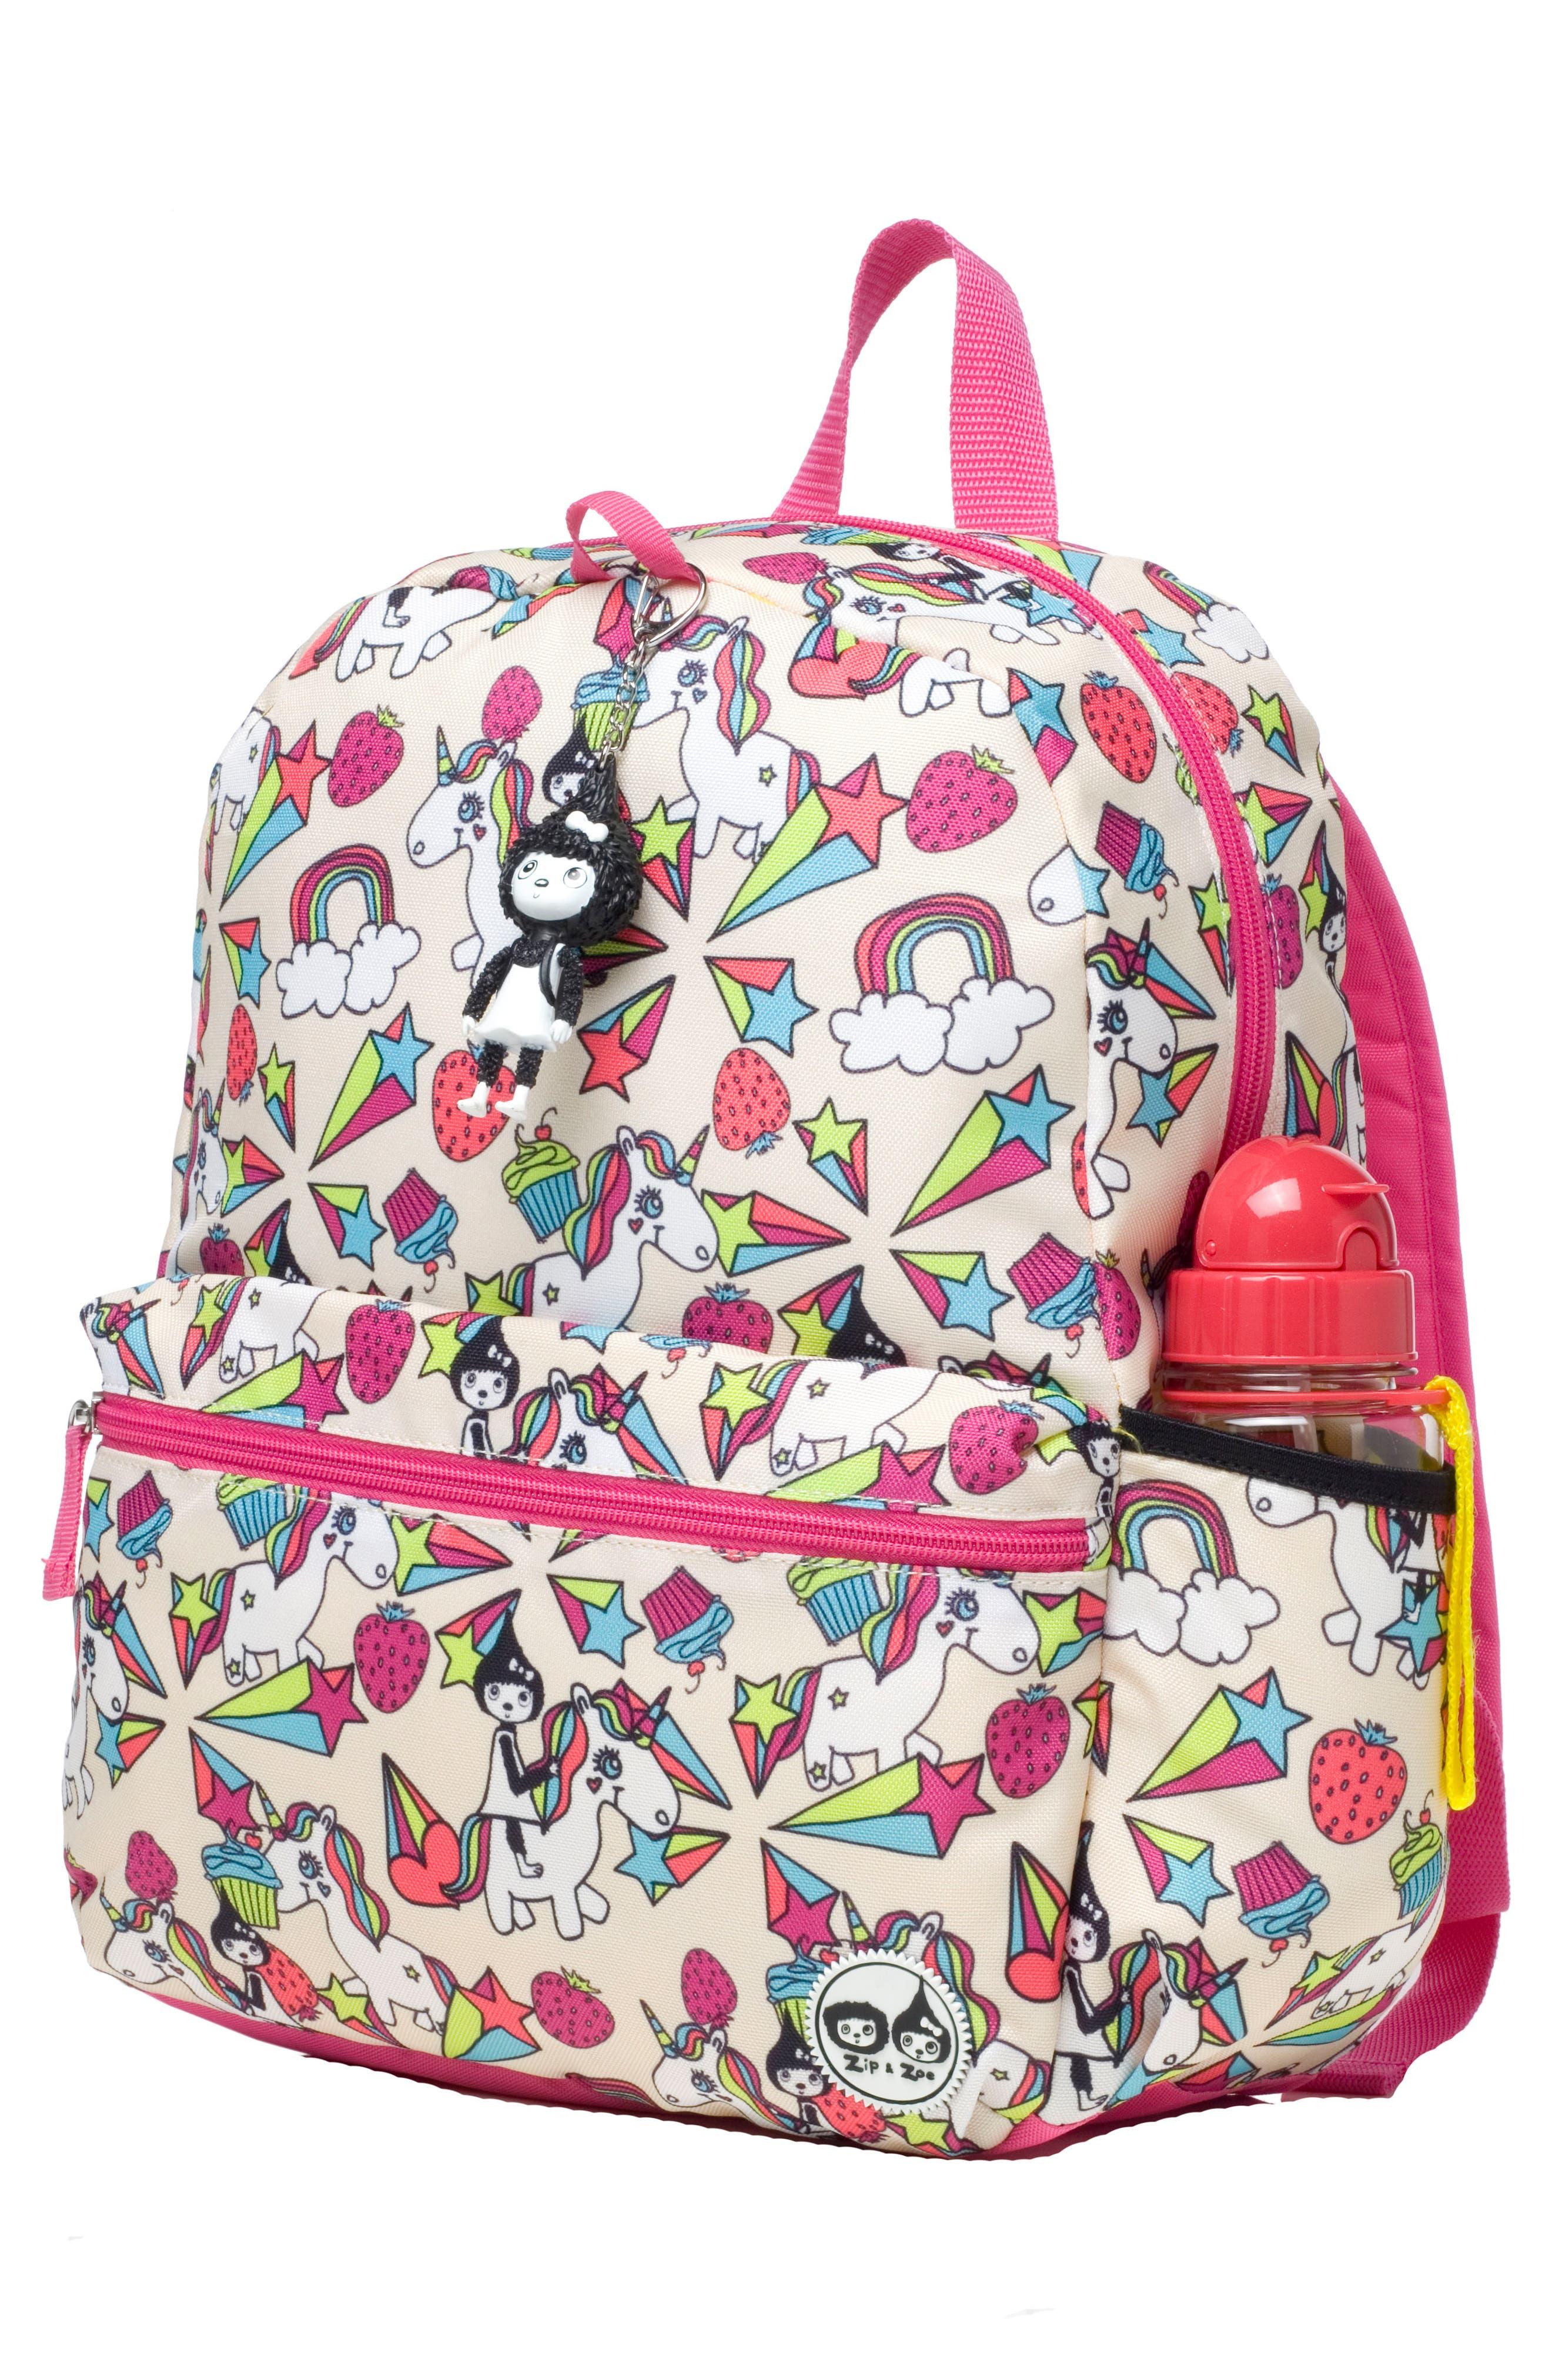 Zip & Zoe Unicorn Junior Backpack,                             Alternate thumbnail 2, color,                             White